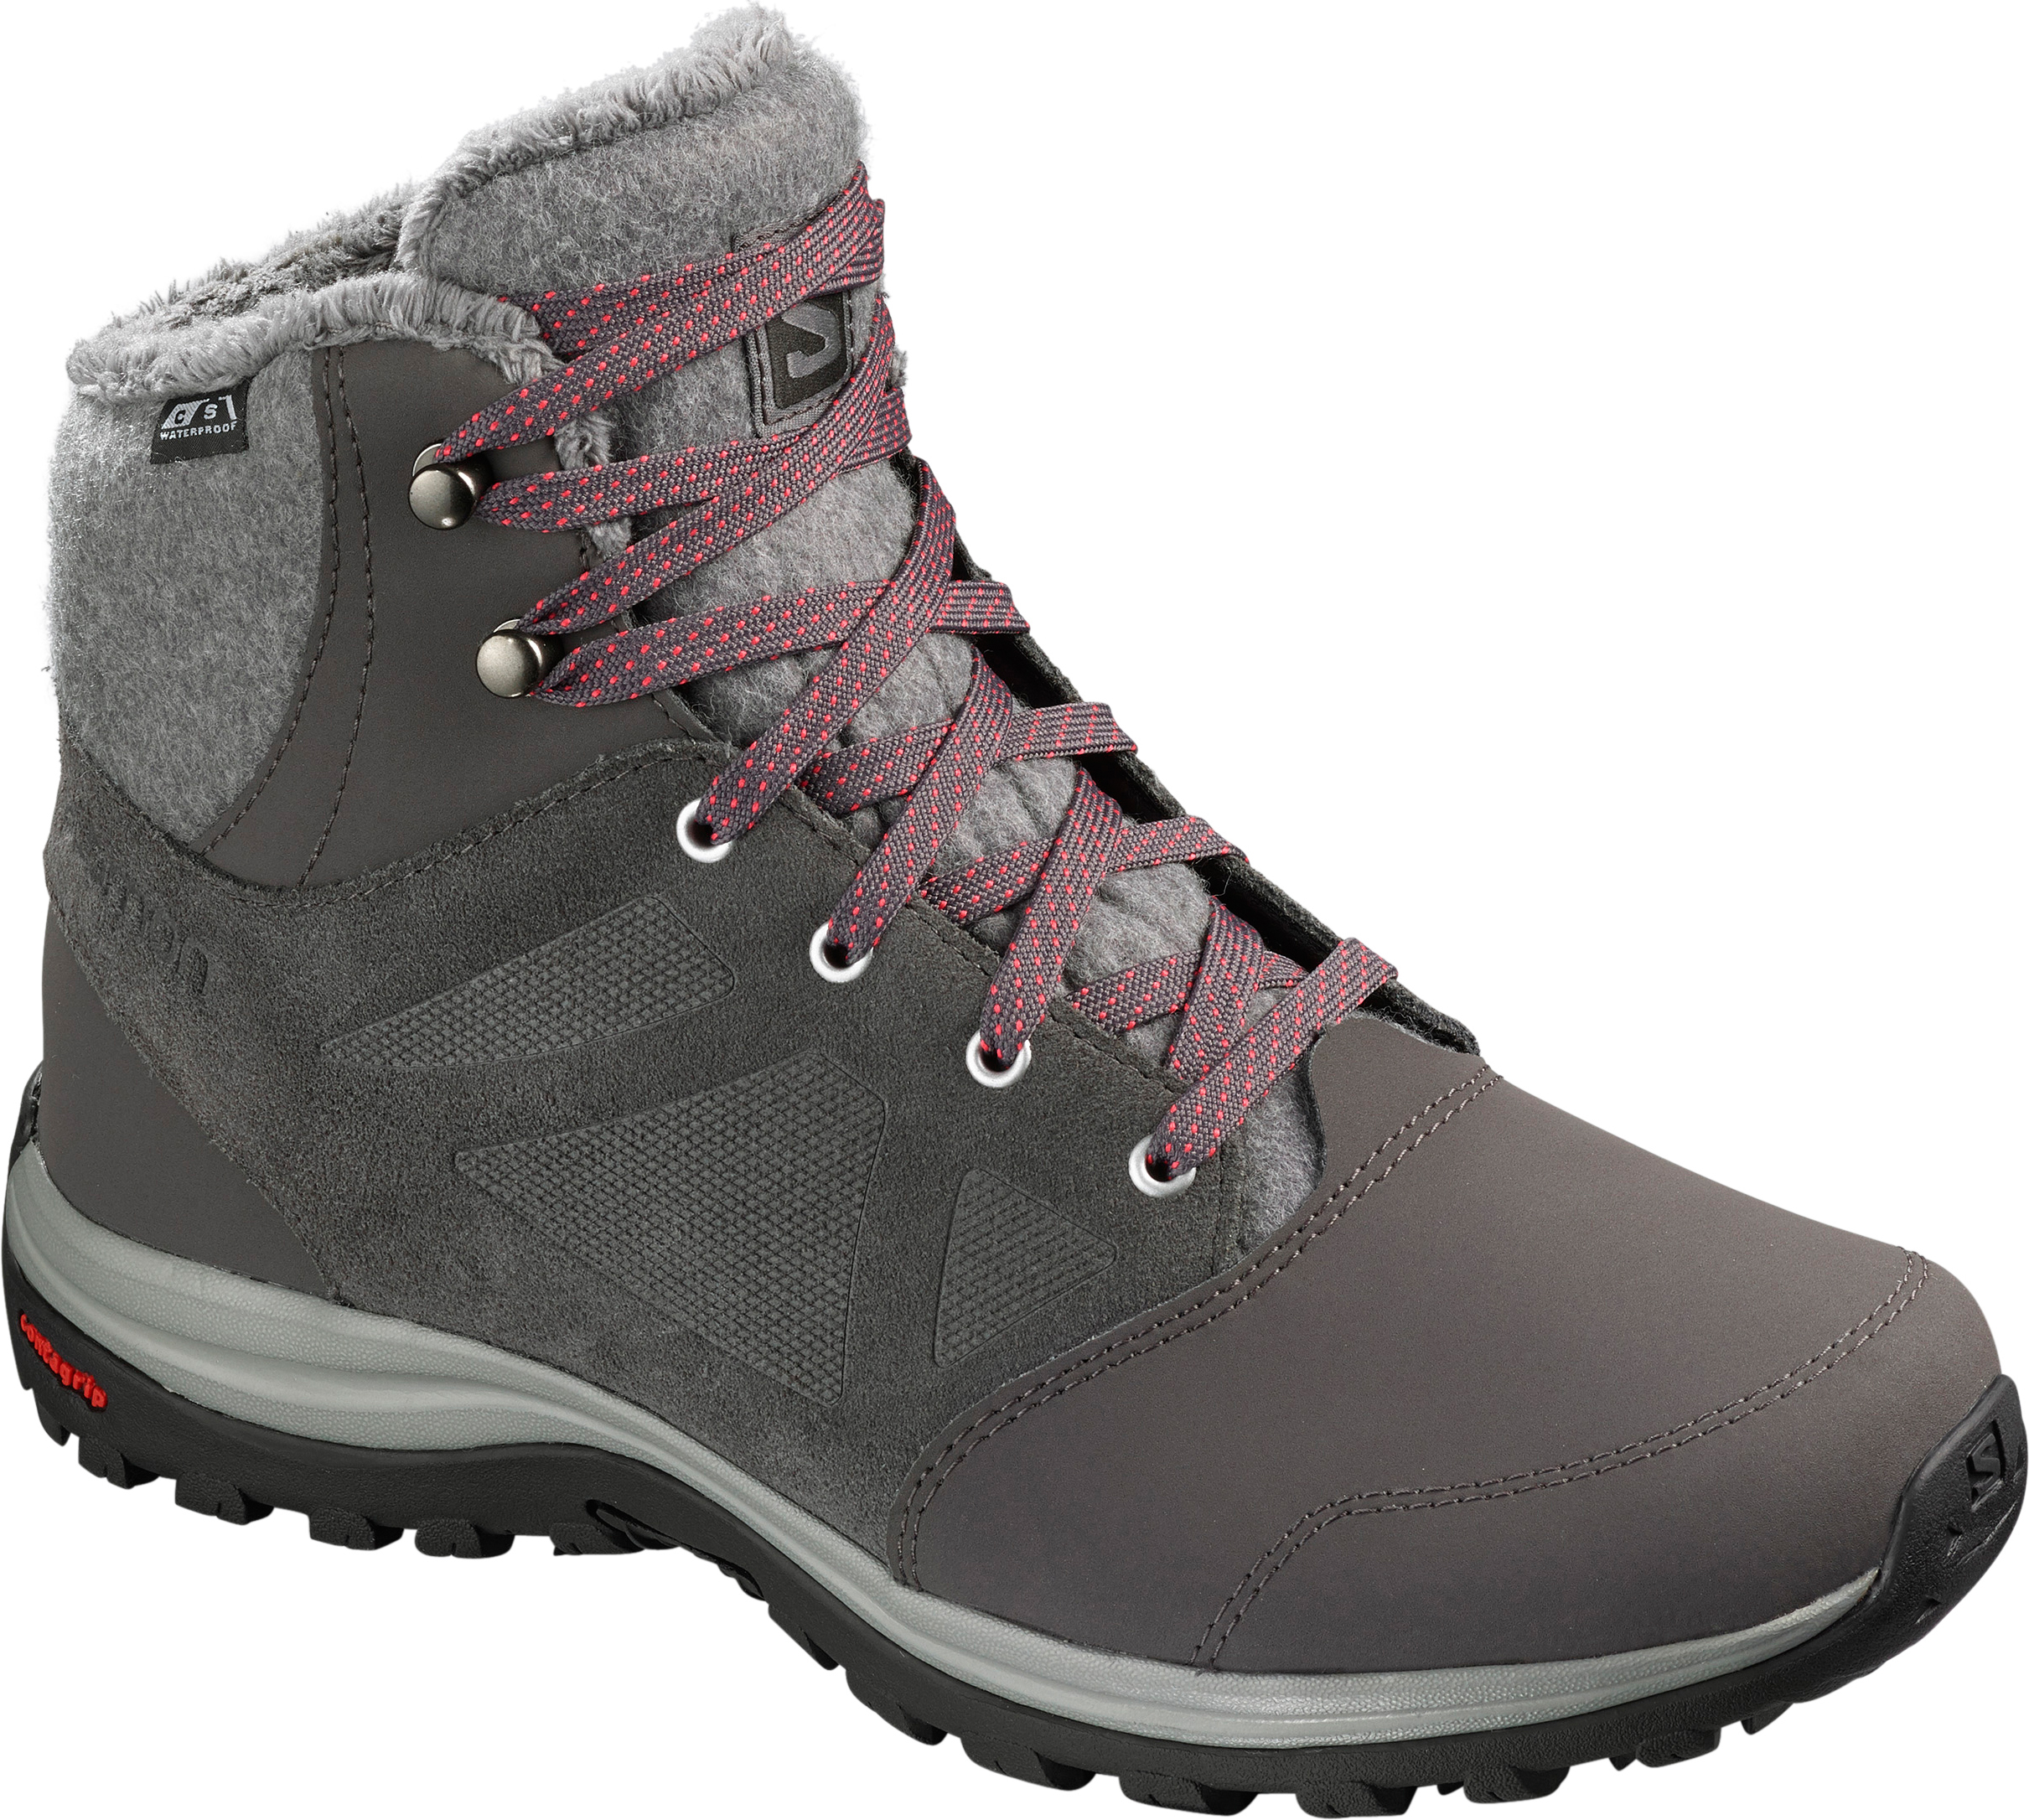 0e2919663d Winter boots | MEC